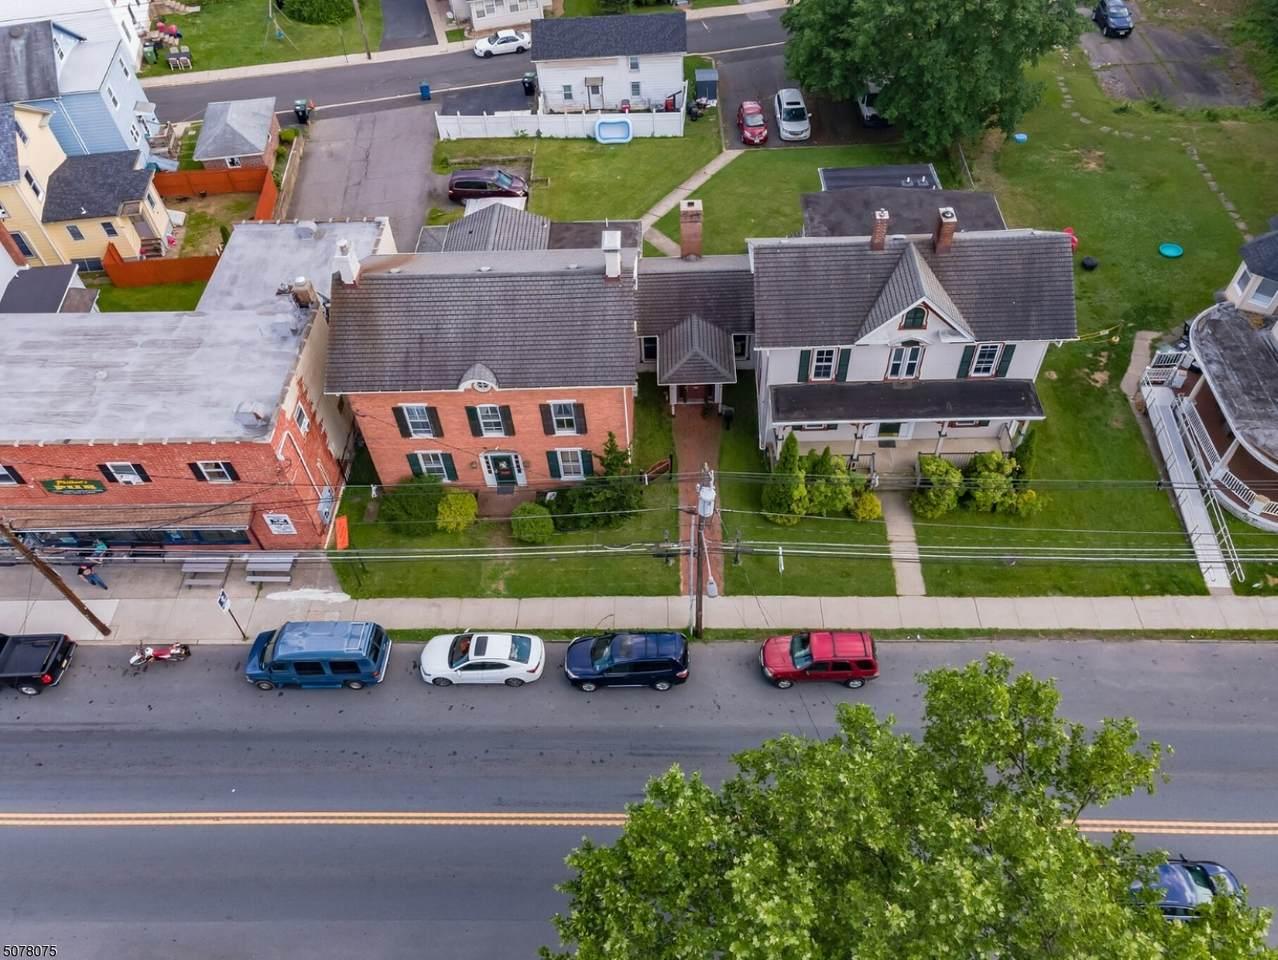 109 W Washington Ave - Photo 1